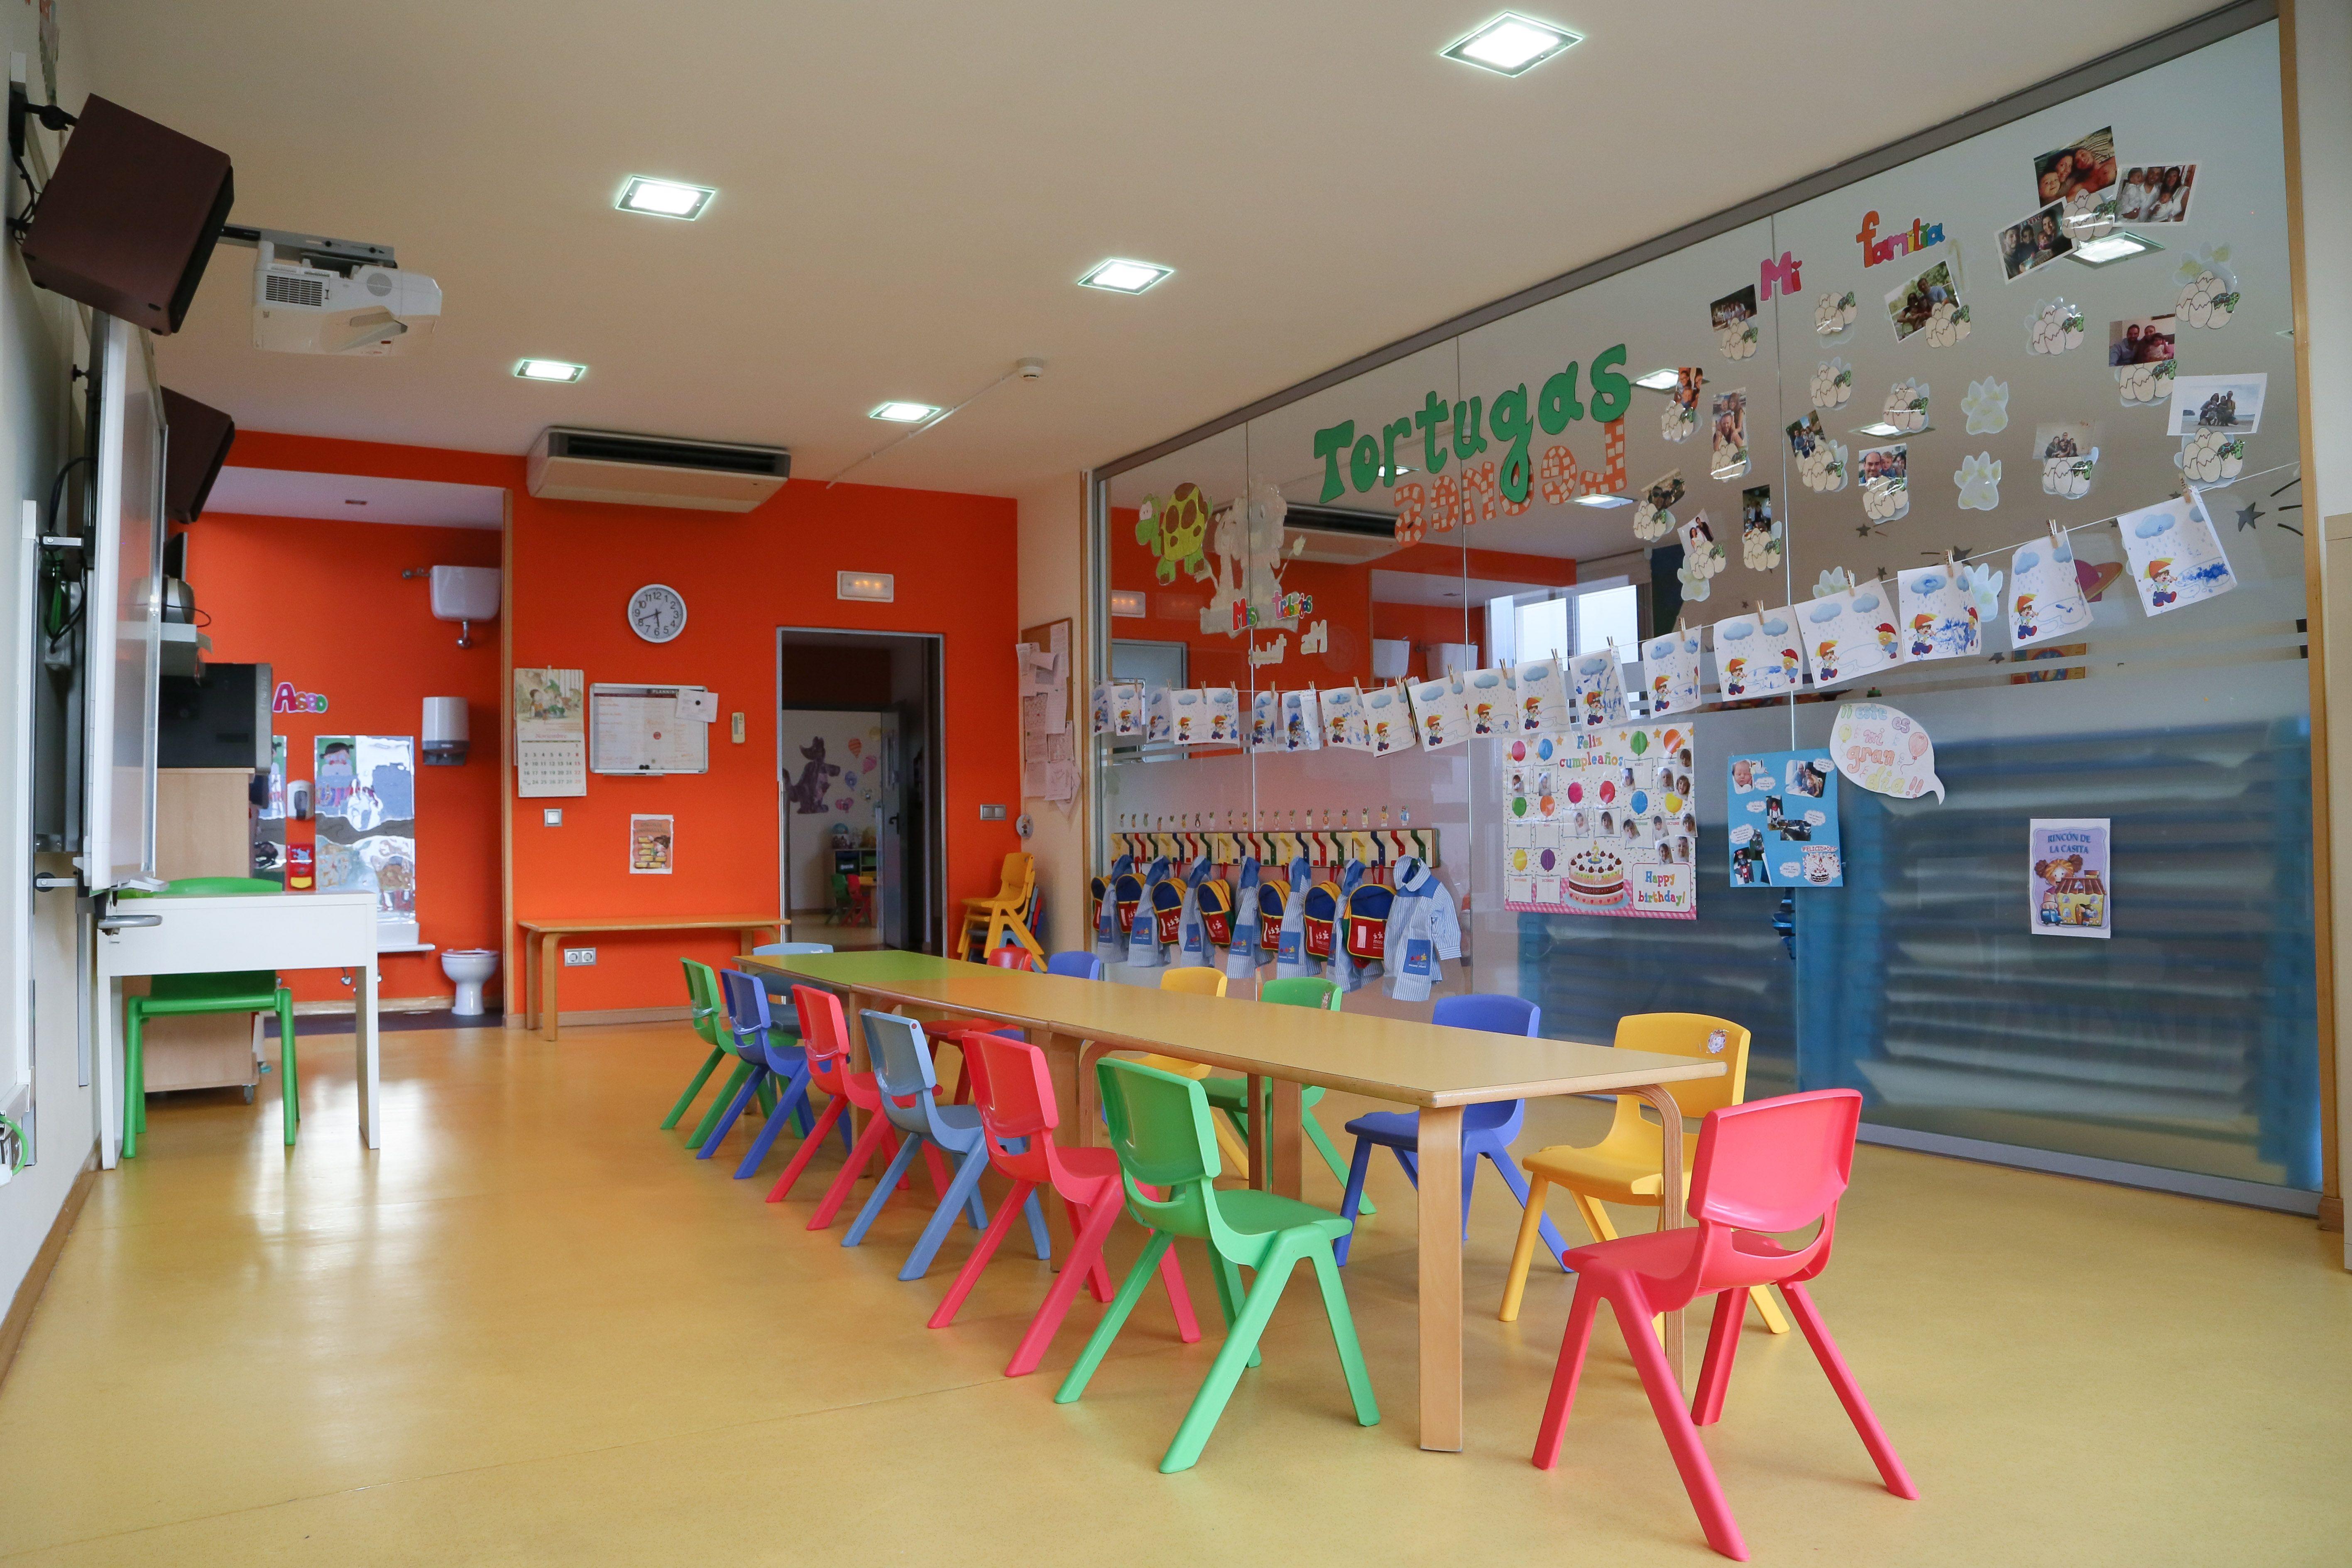 Foto 5 de Guarderías y Escuelas infantiles en Madrid | Mascero Escuela Infantil